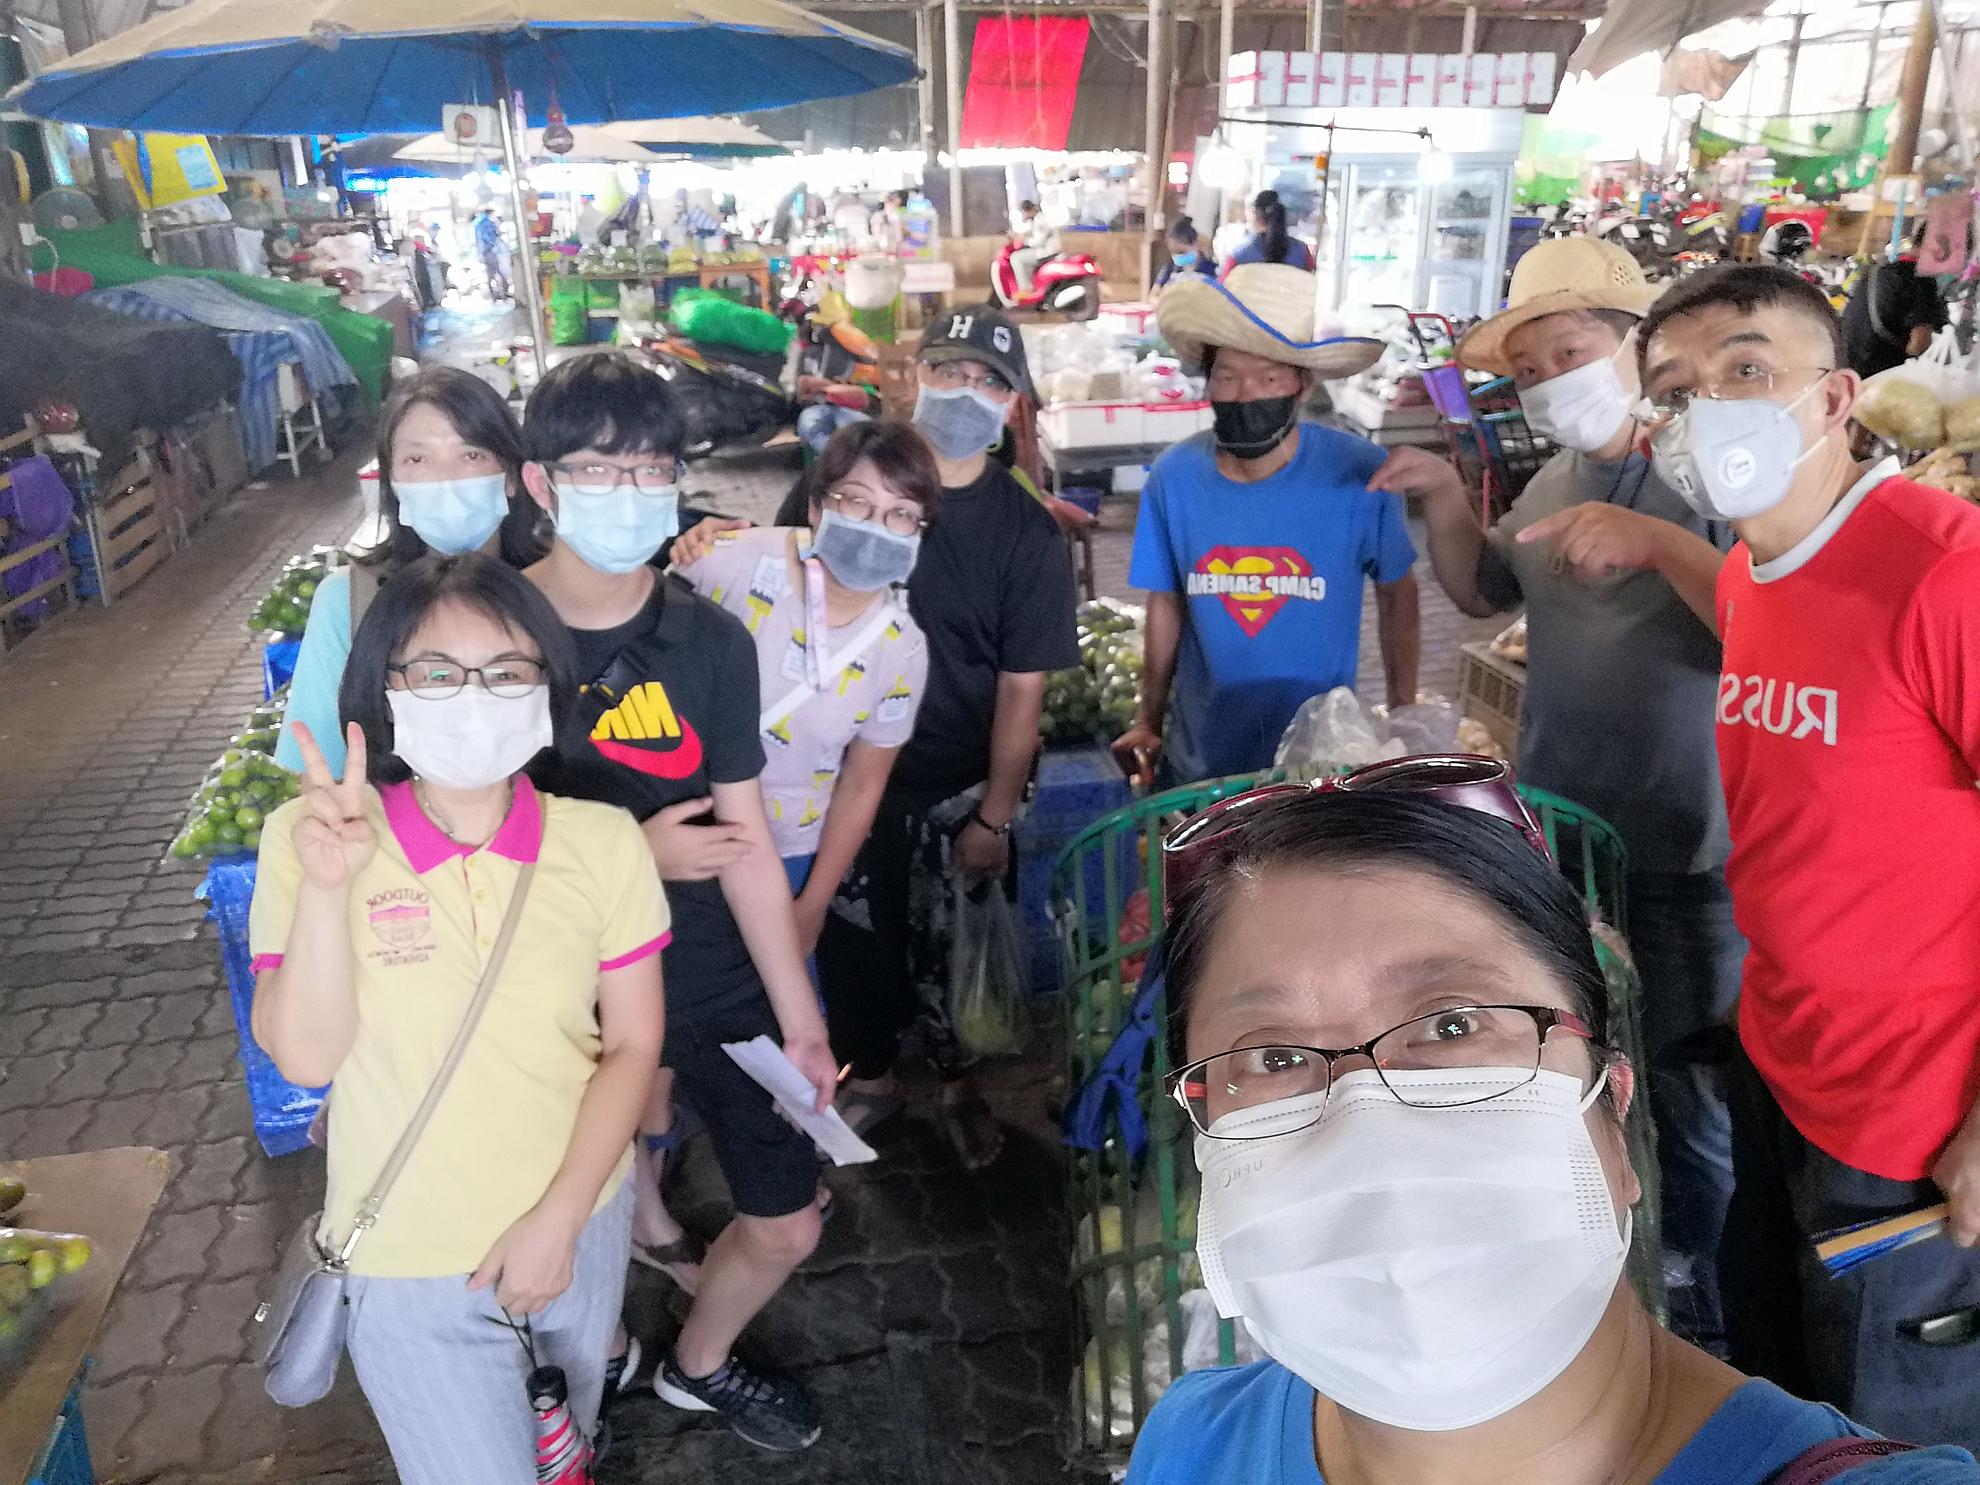 隔離期間,悅語堂弟兄姊妹幫忙去菜市場買菜